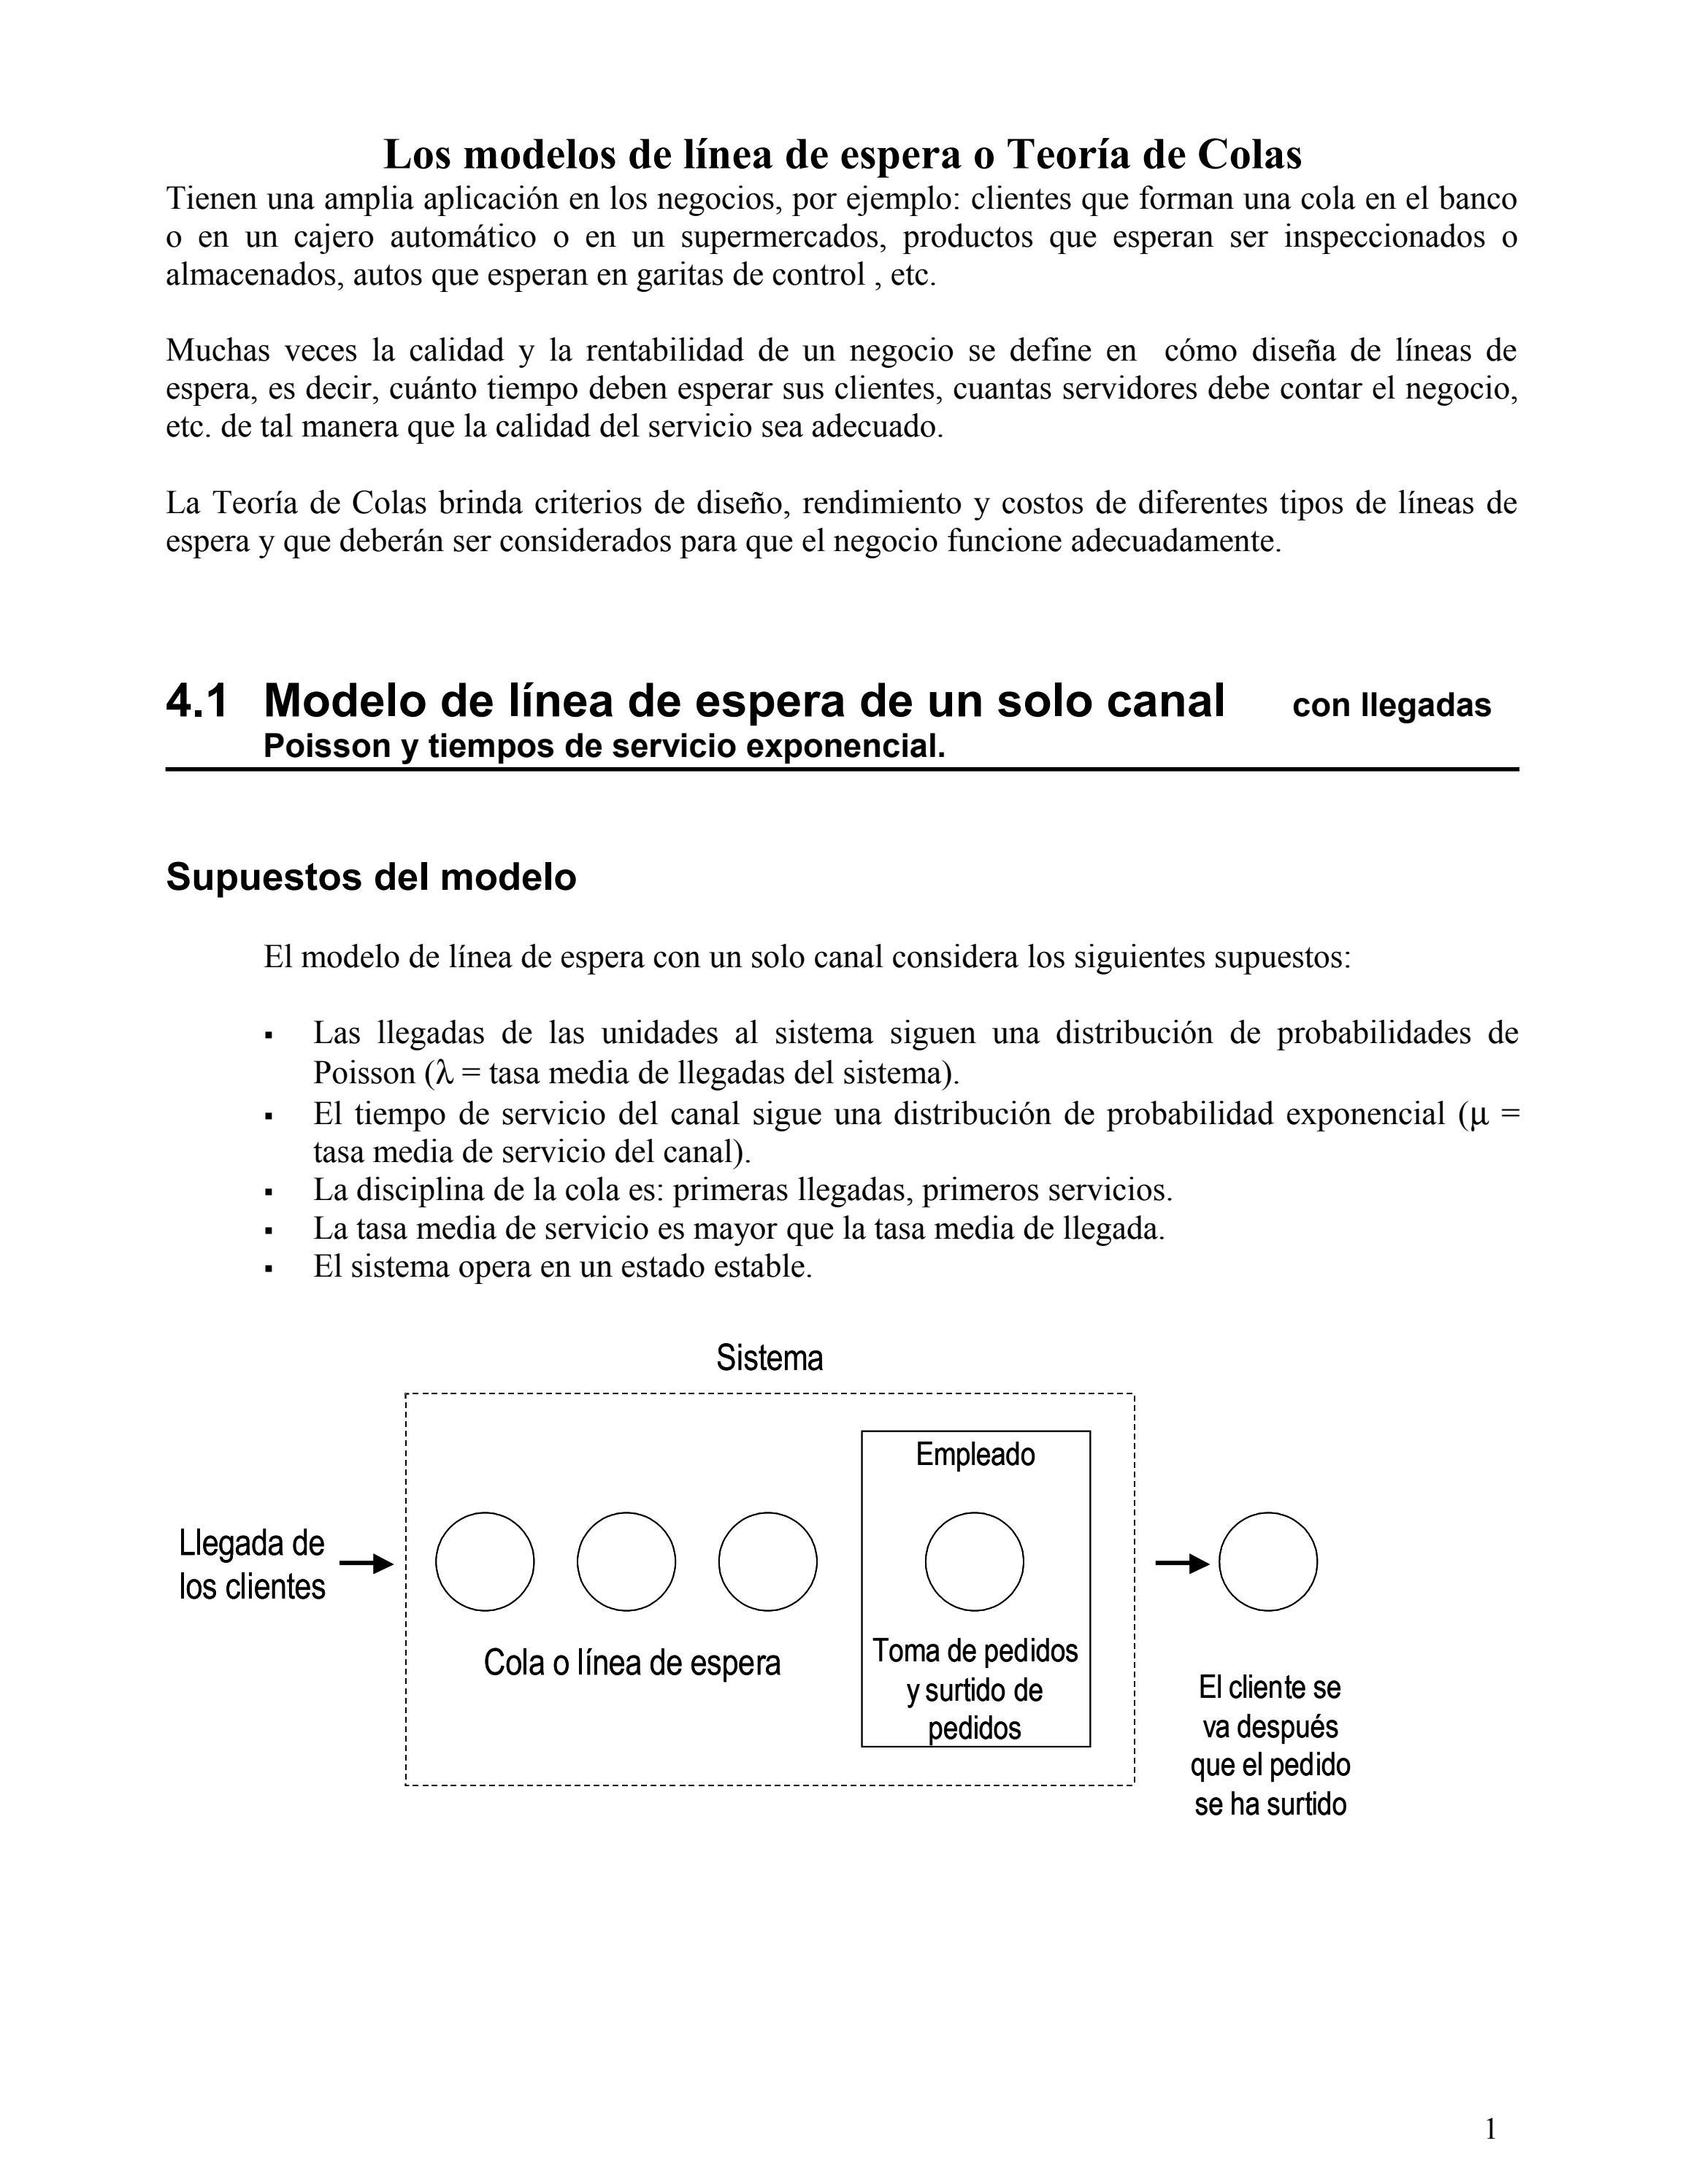 Modelos de espera y teoria de colas by jose villanueva issuu for Cuanto se puede retirar de un cajero